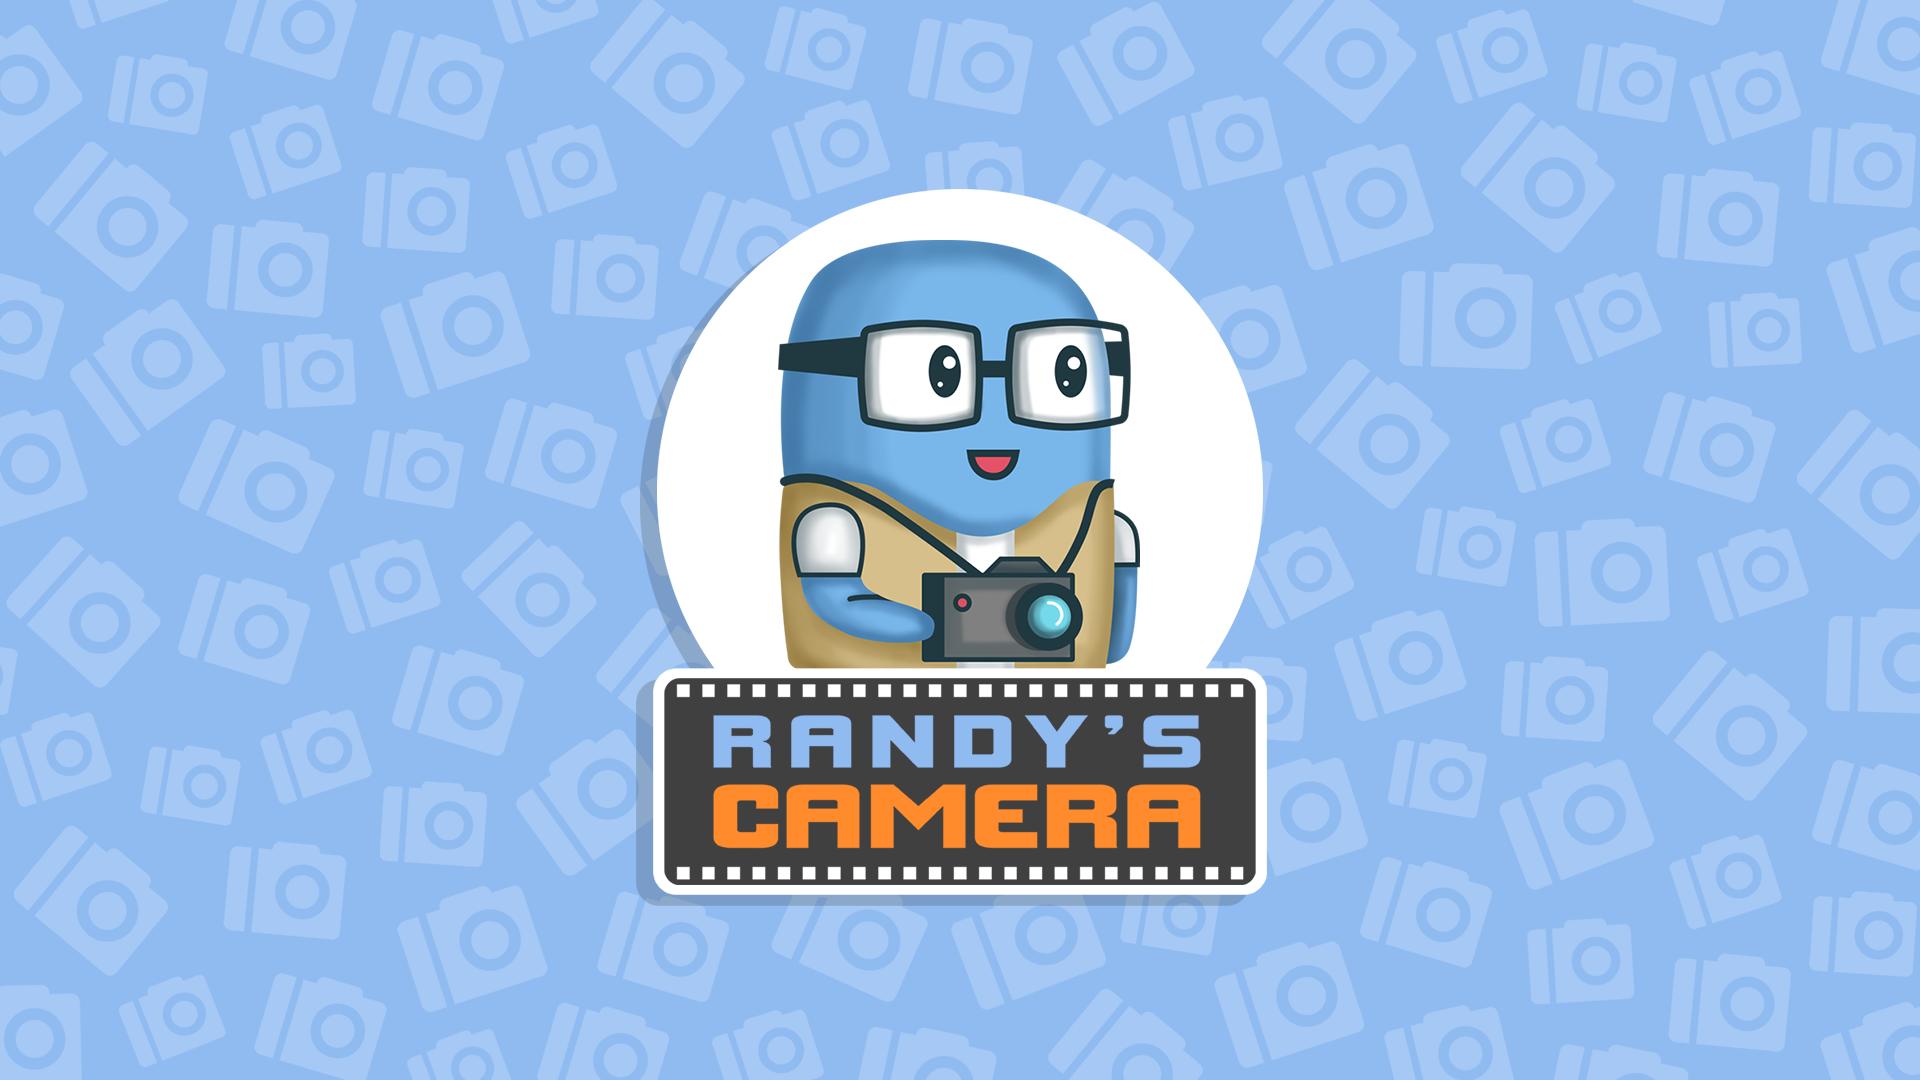 Randy's Camera